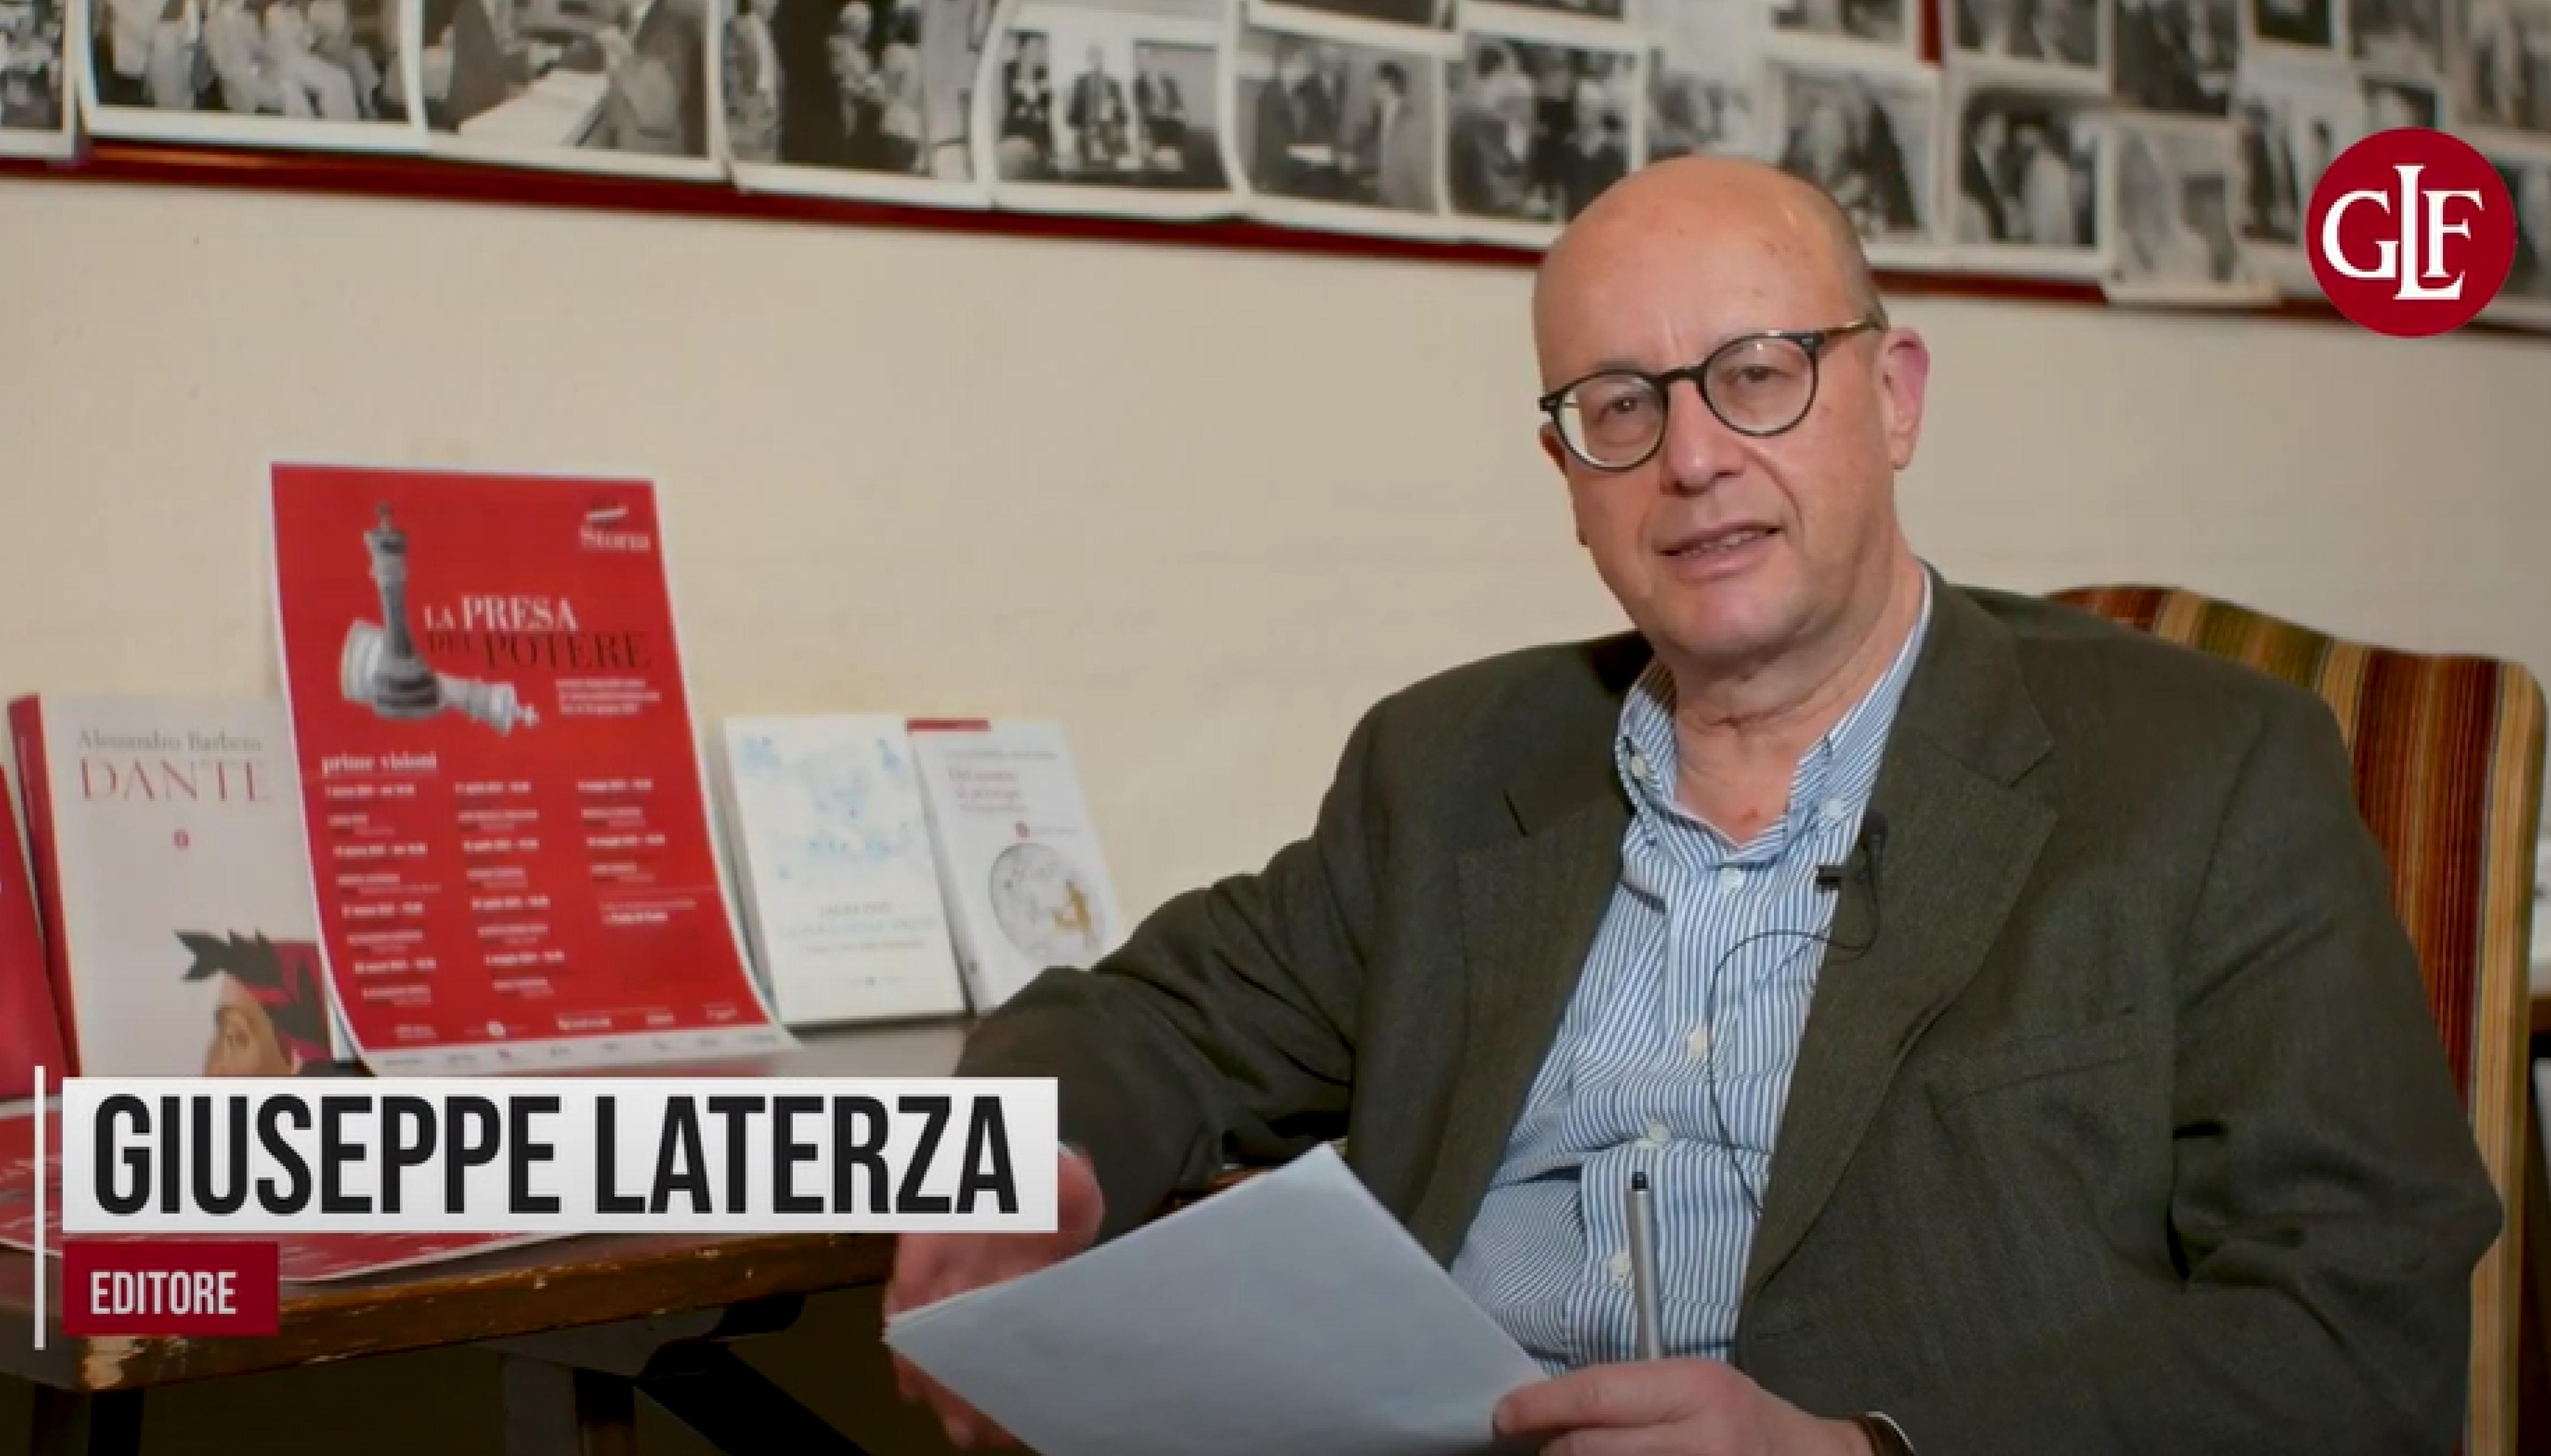 """Giuseppe Laterza racconta """"La presa del potere"""""""